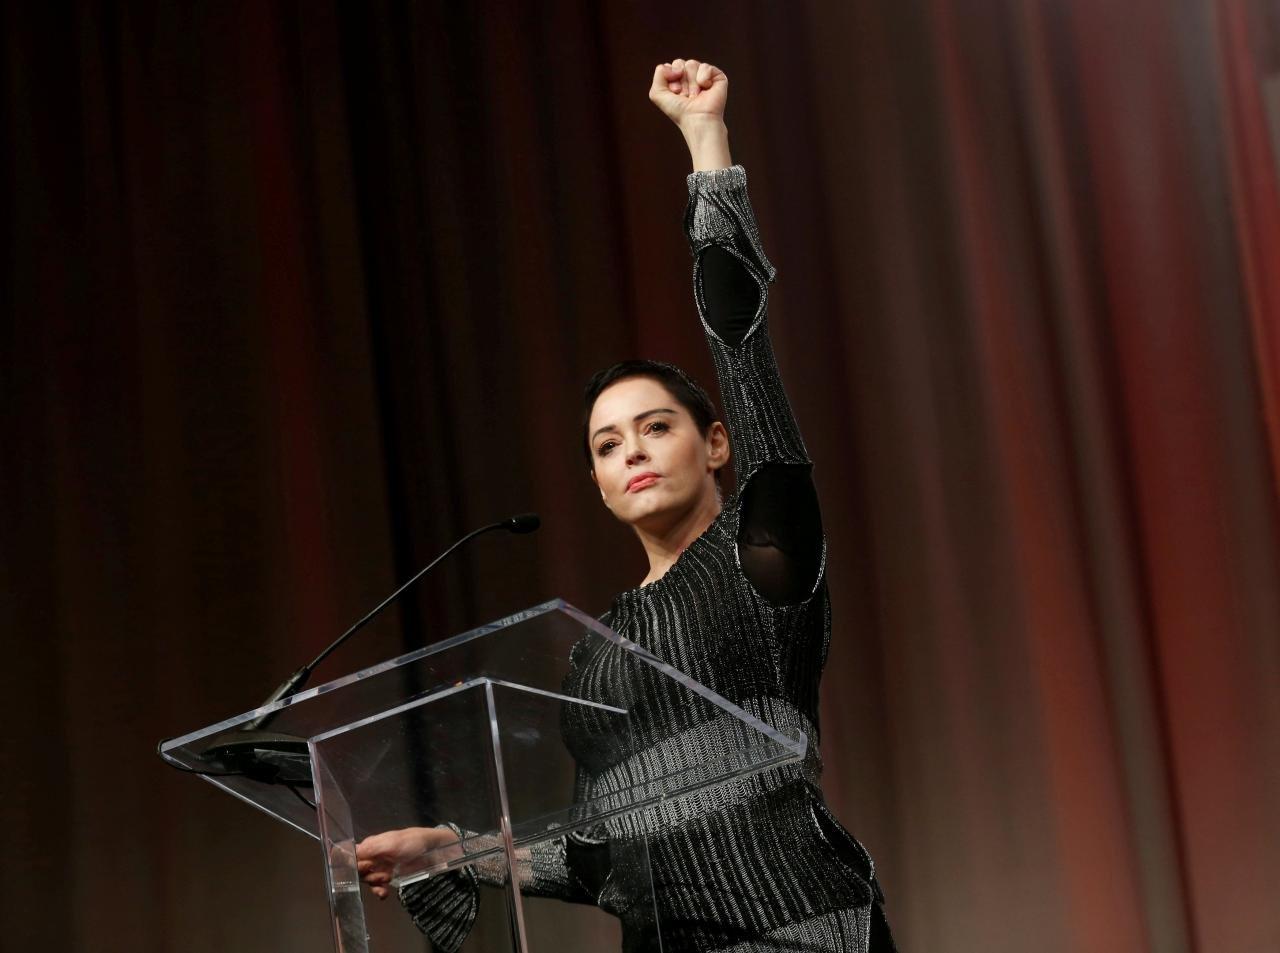 Rose McGowan Oyuncu, 1997 Sundance Film Festivali sırasında 'yaratık' olarak adlandırdığı Weinstein'ın cinsel tacizine uğradığını itiraf etti.